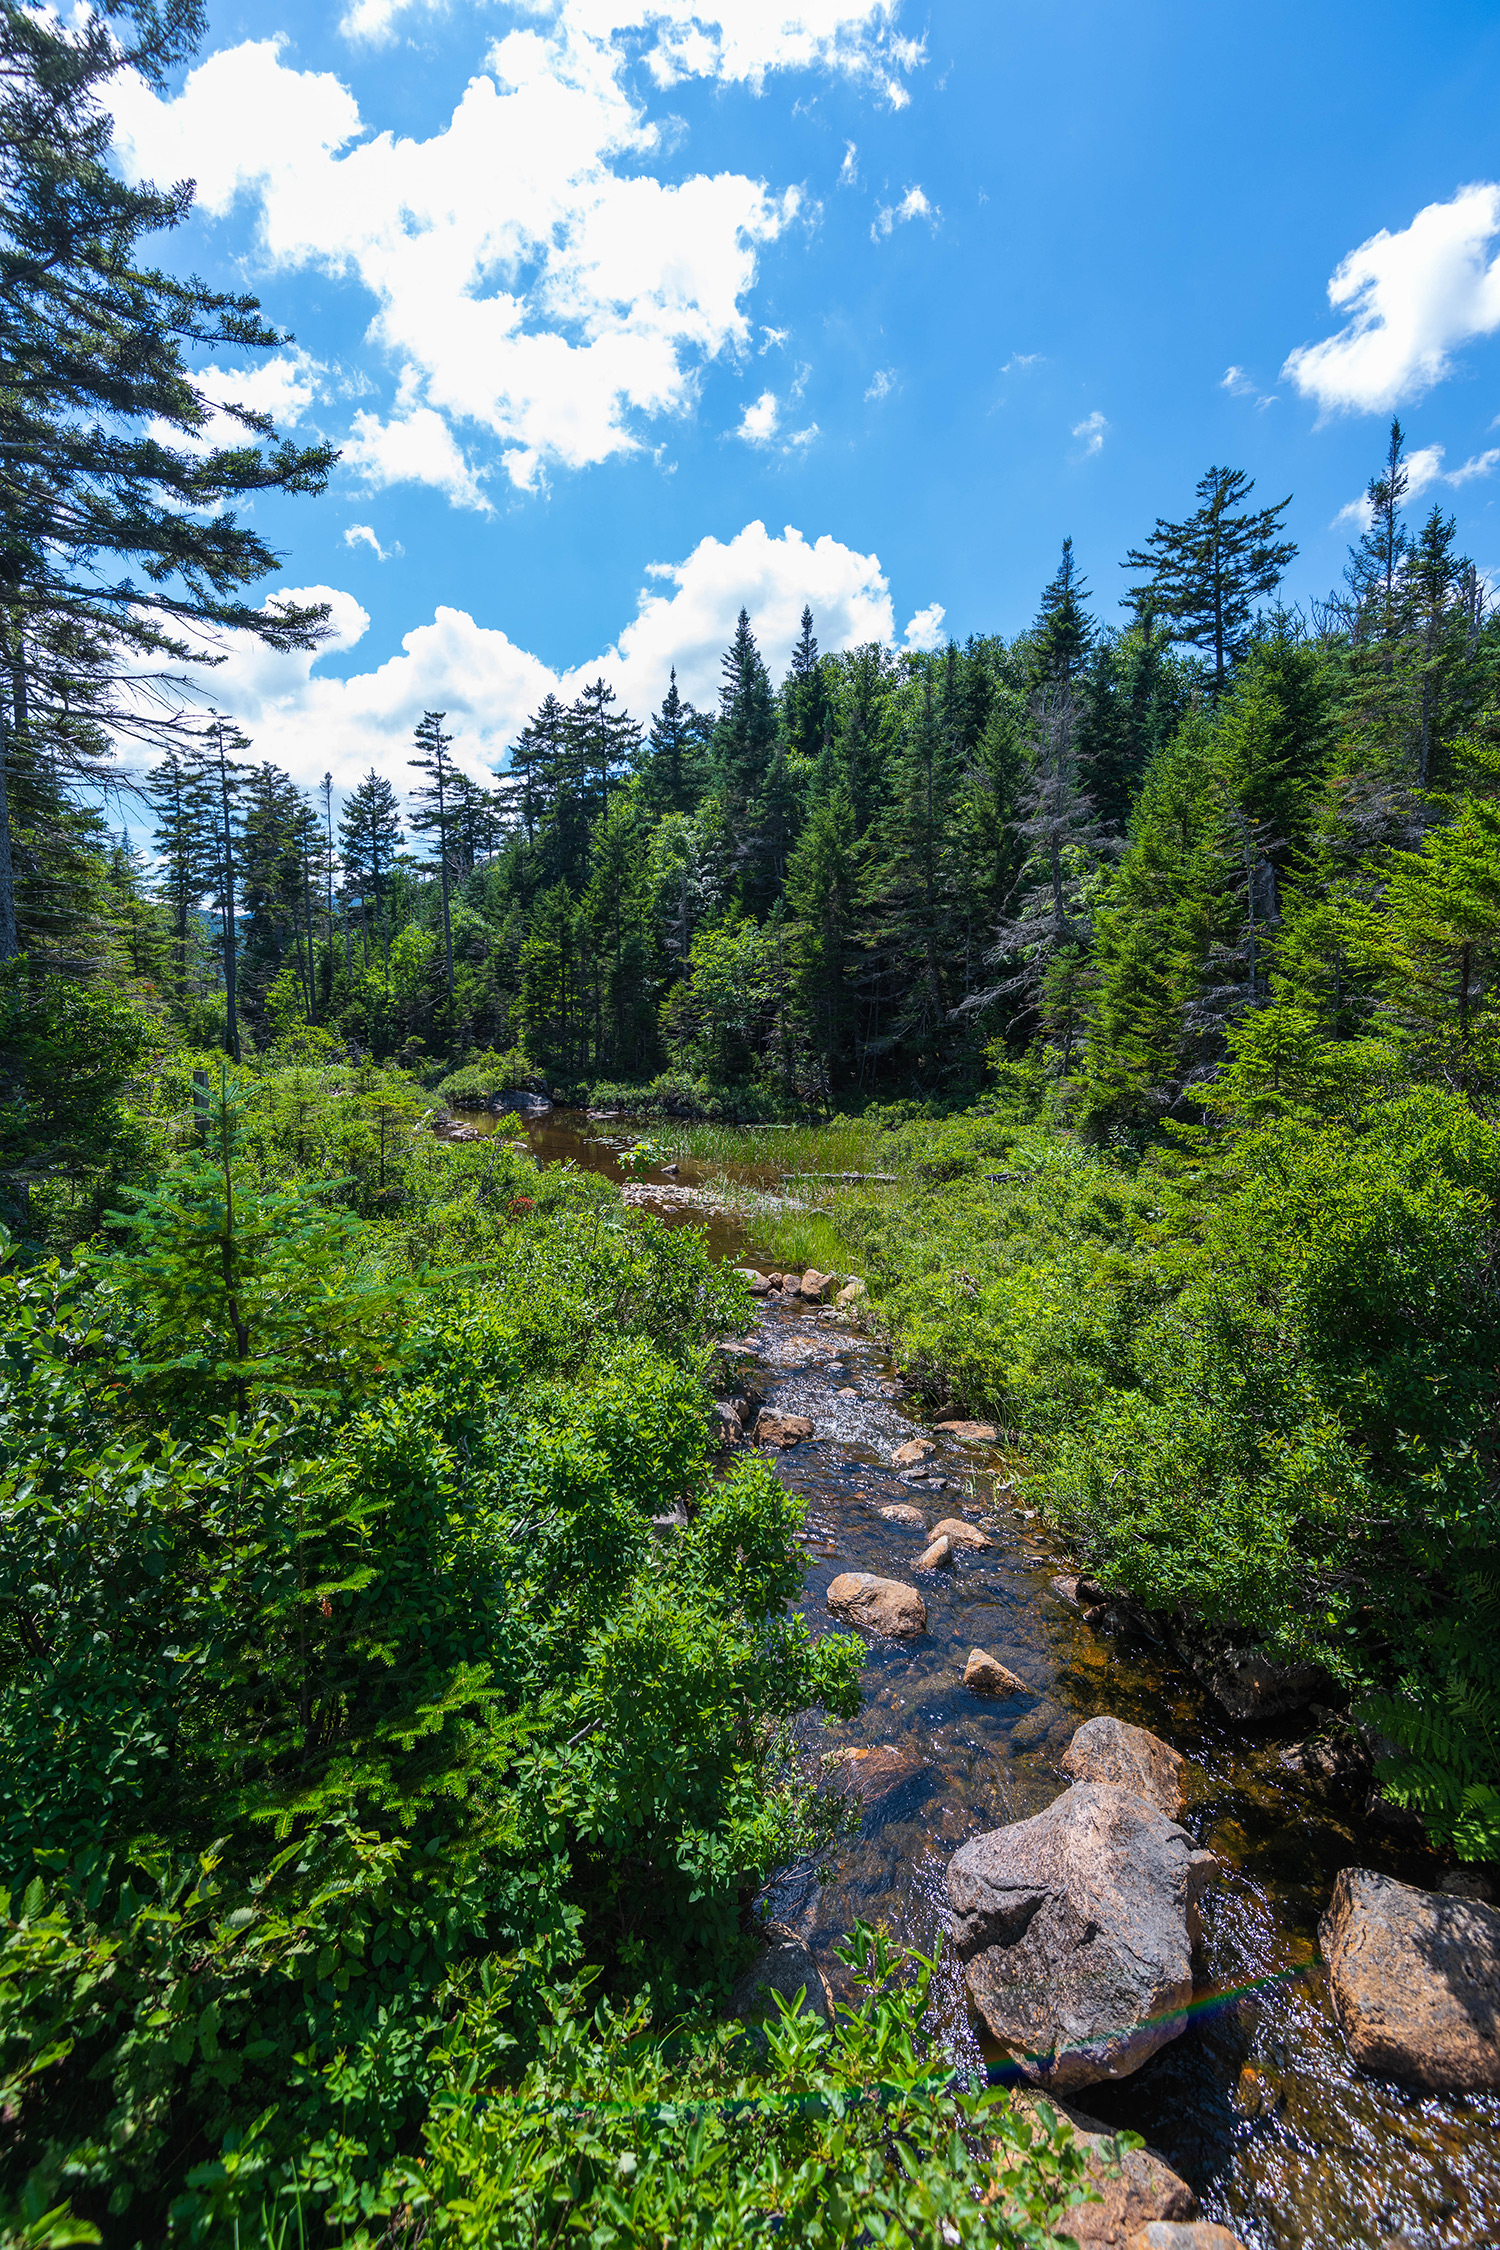 streams through the white mountains, New Hampshire